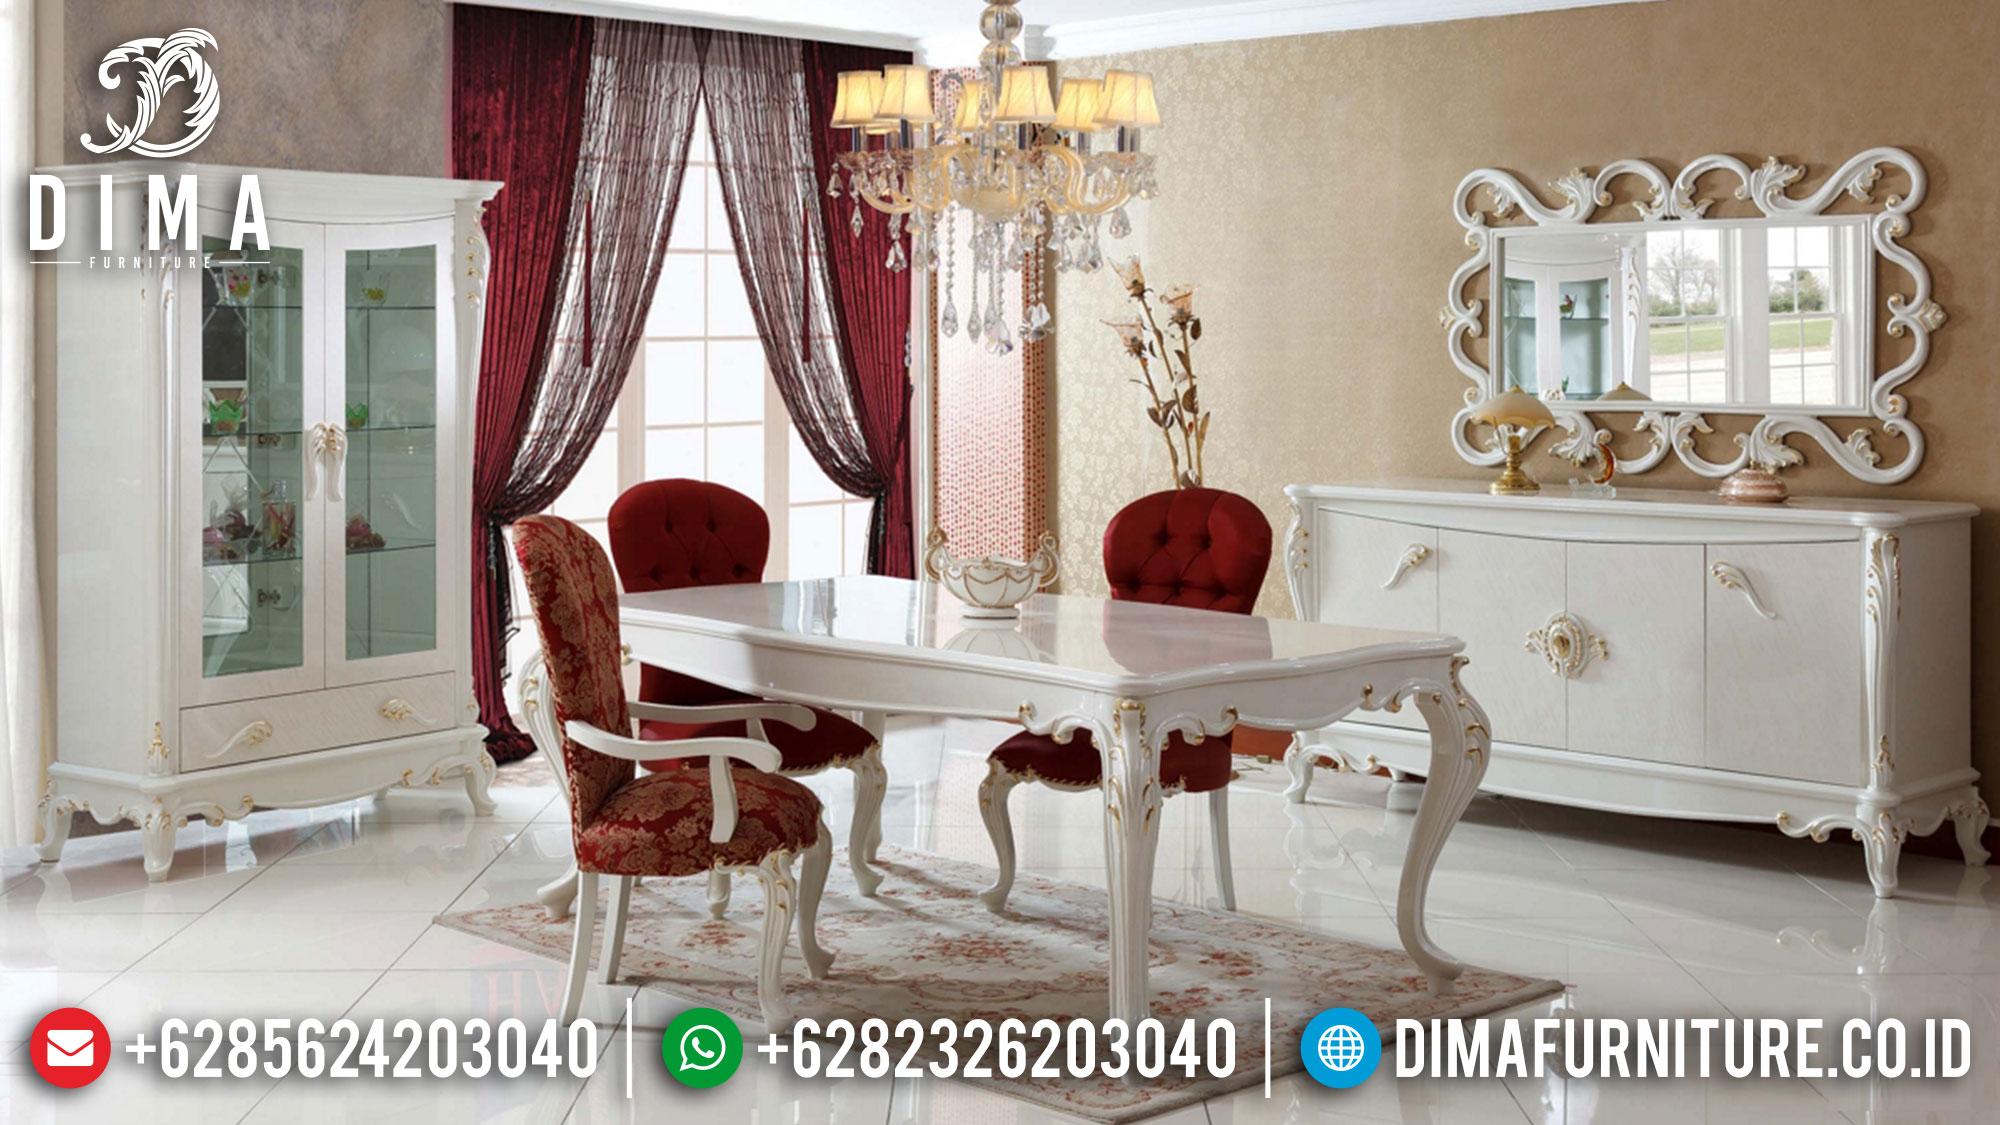 Meja Makan Mewah Classic Elegant Style New Furniture Jepara TTJ-1611